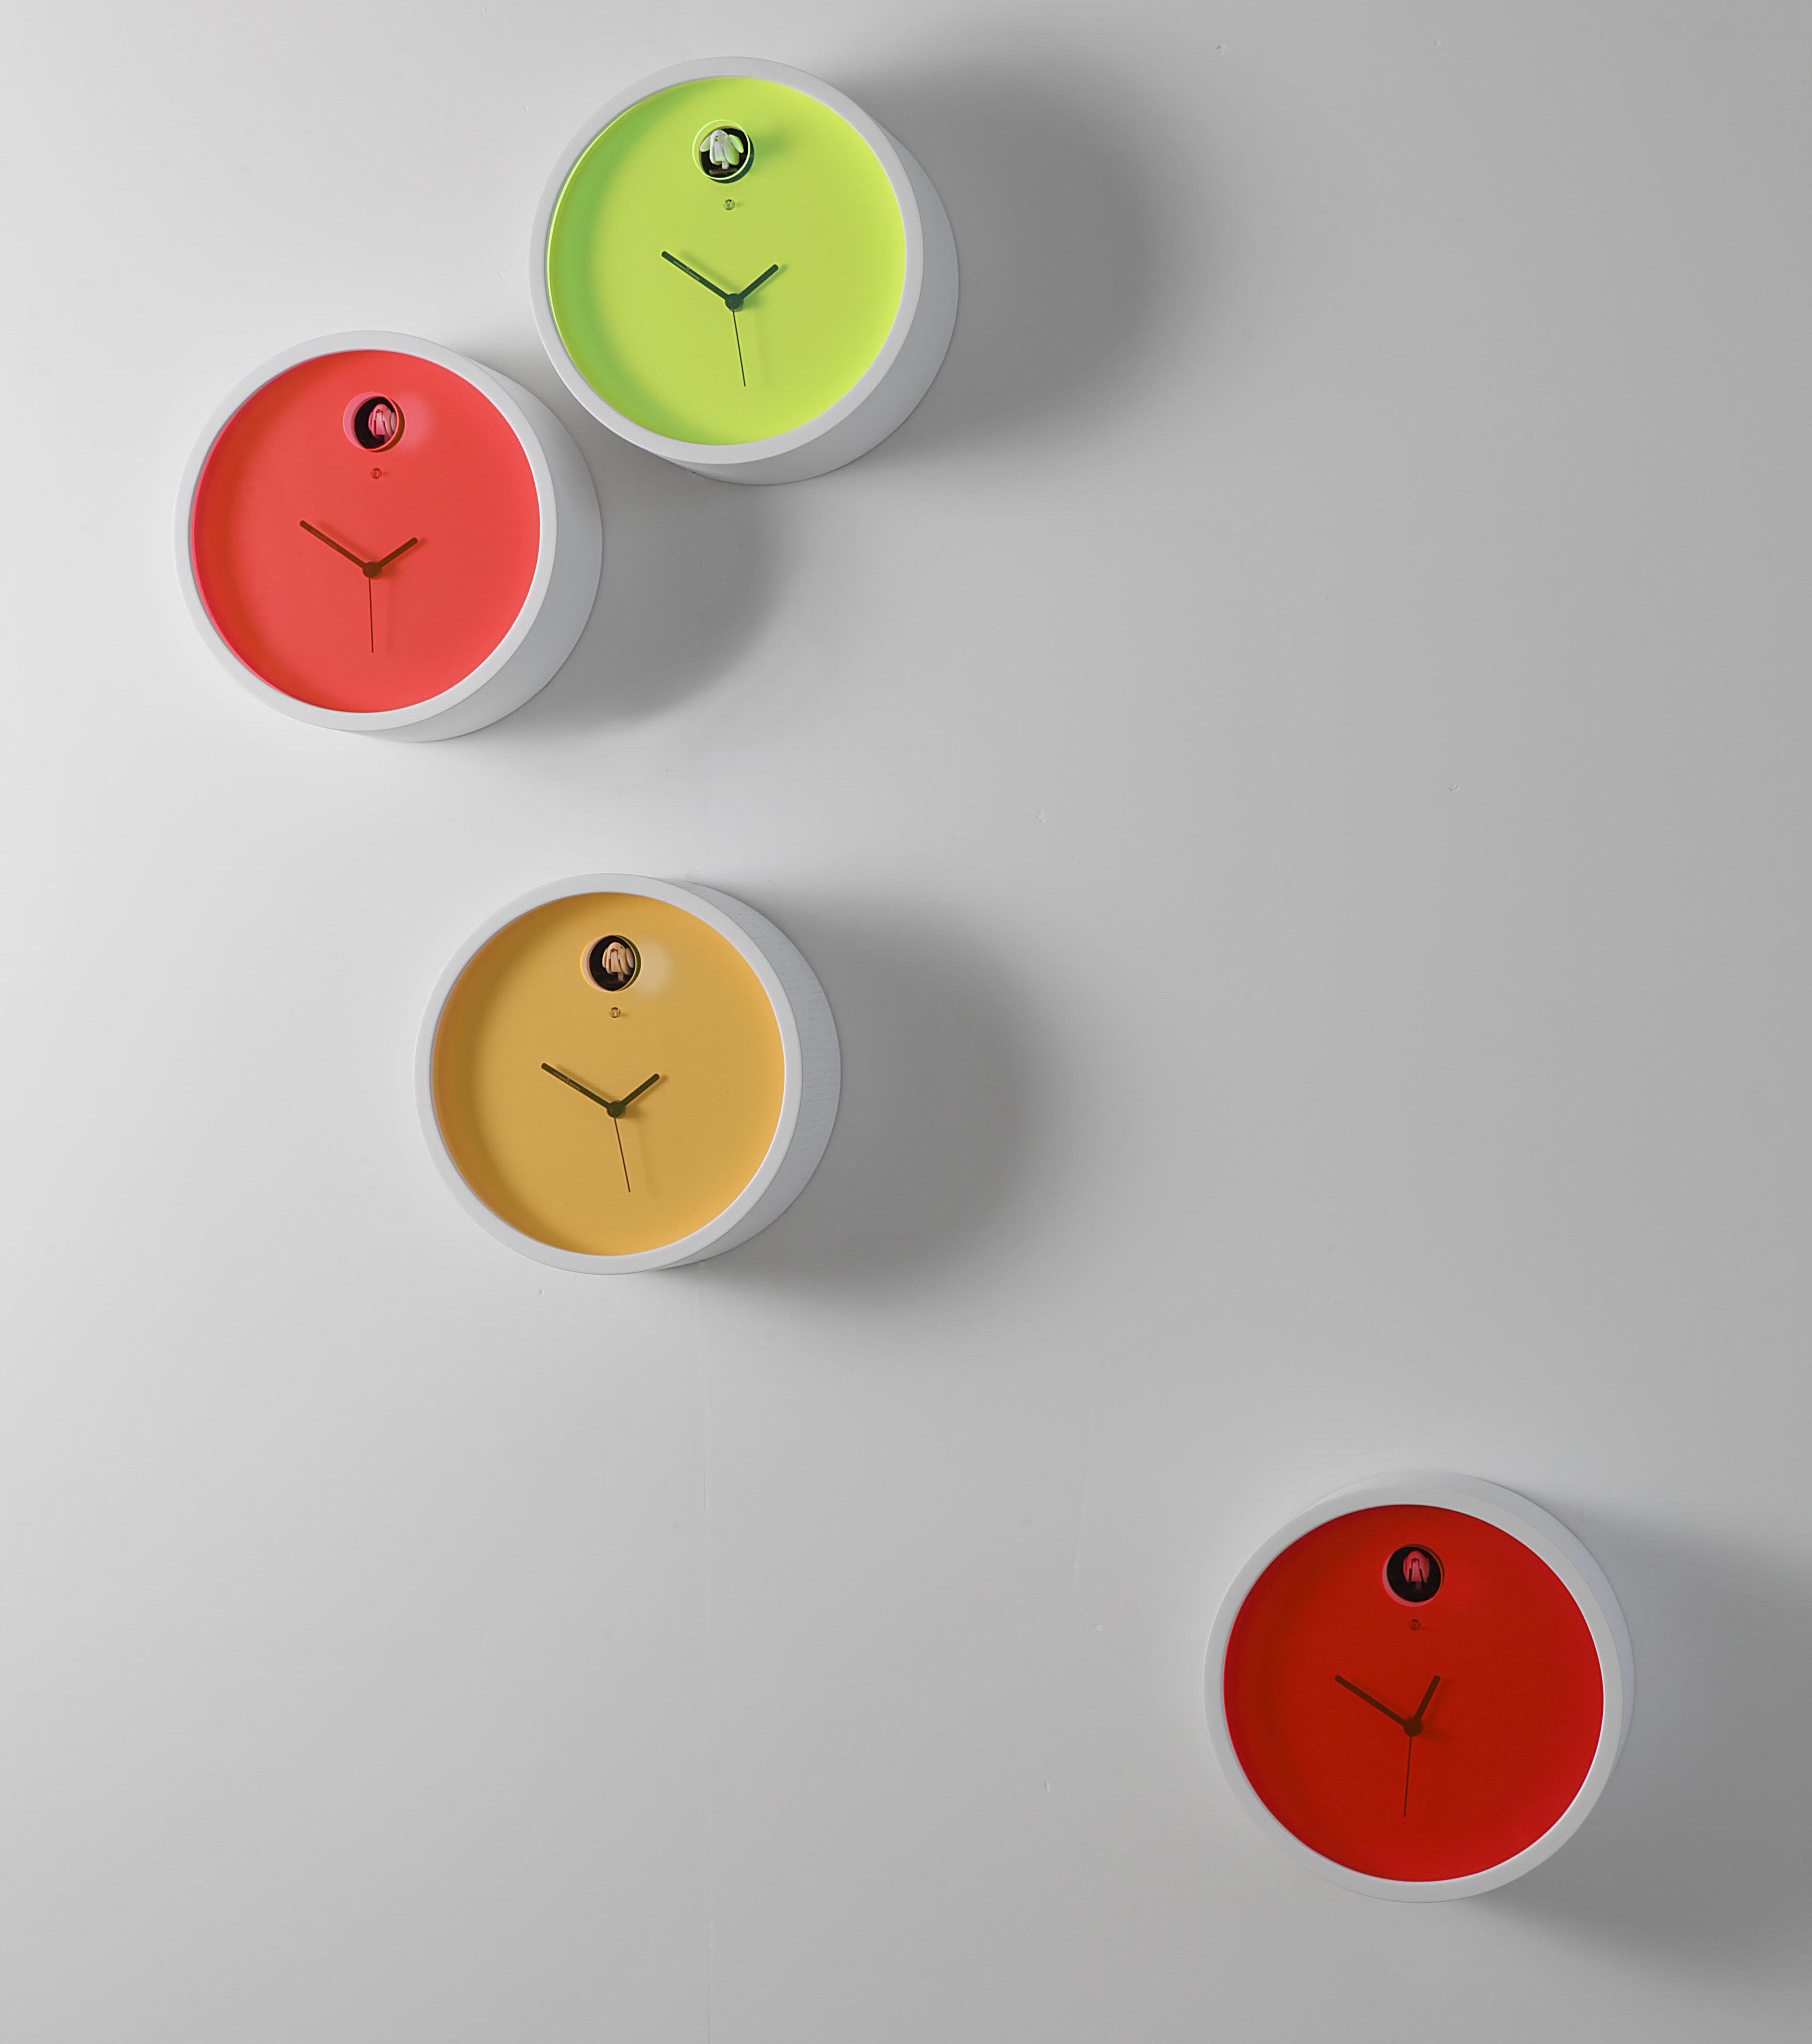 Horloge murale Plex à coucou Cadre blanc / cadran vert - Diamantini ...